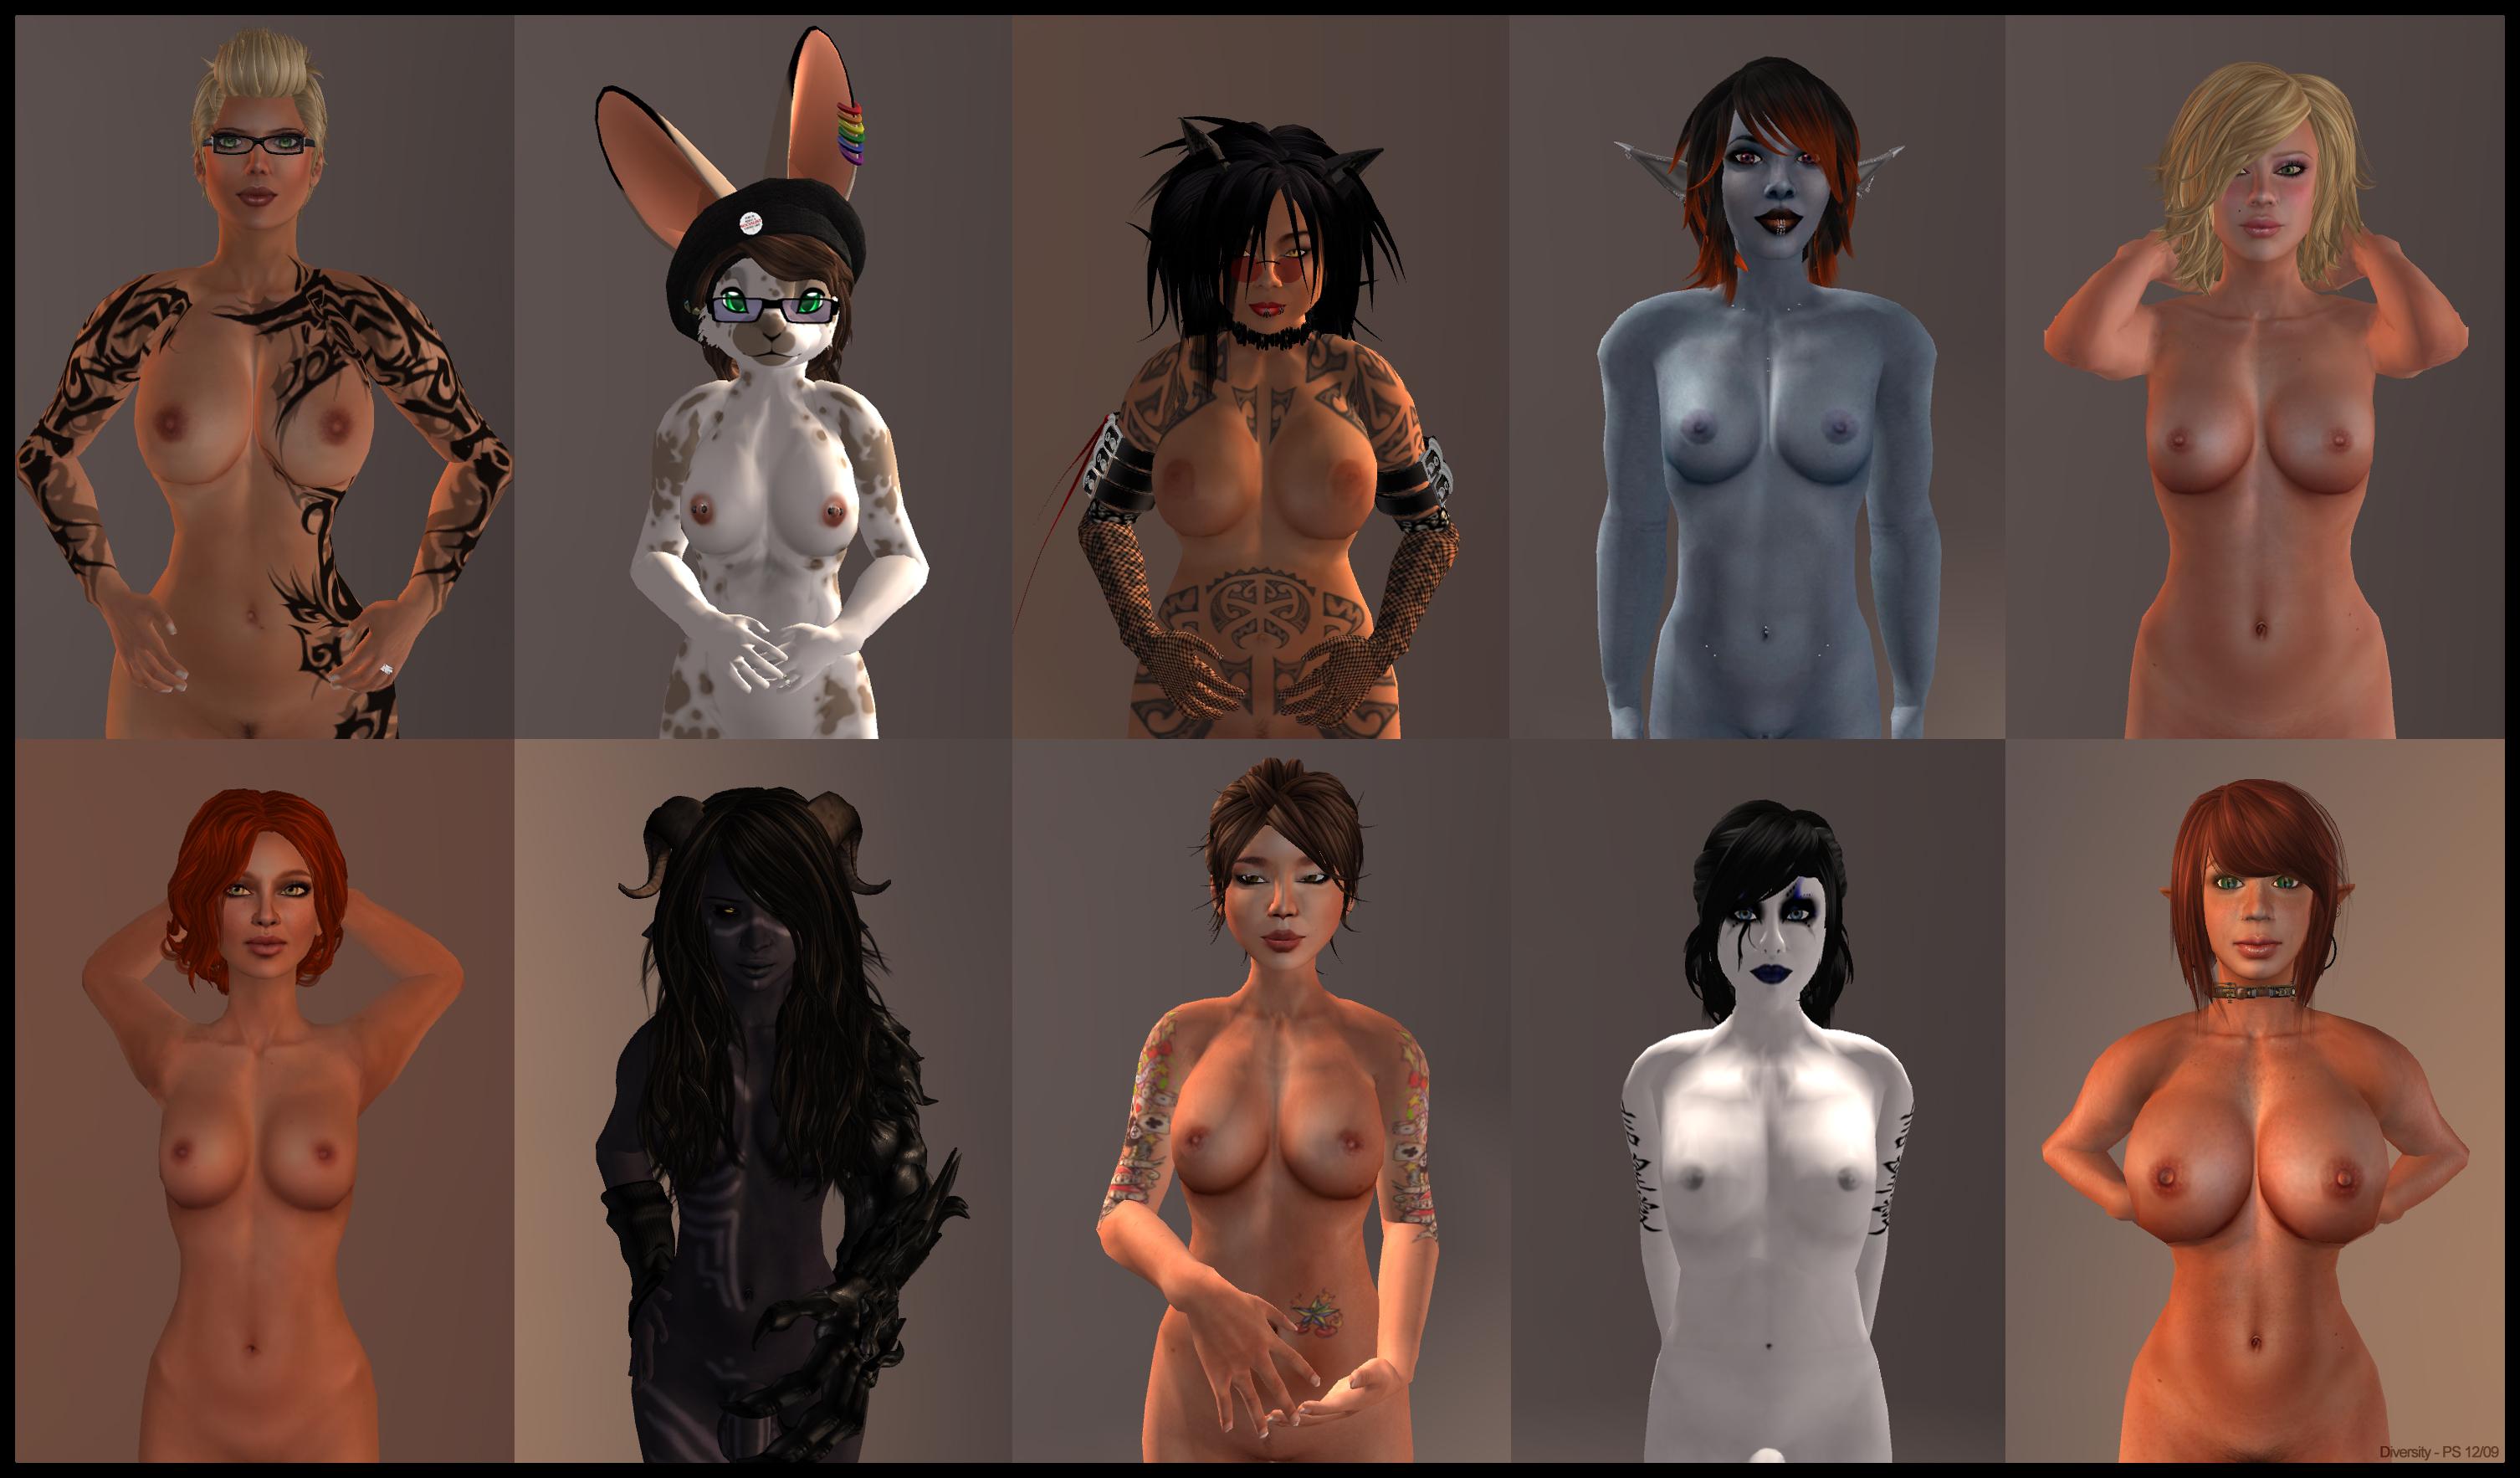 3d nude females erotica movie